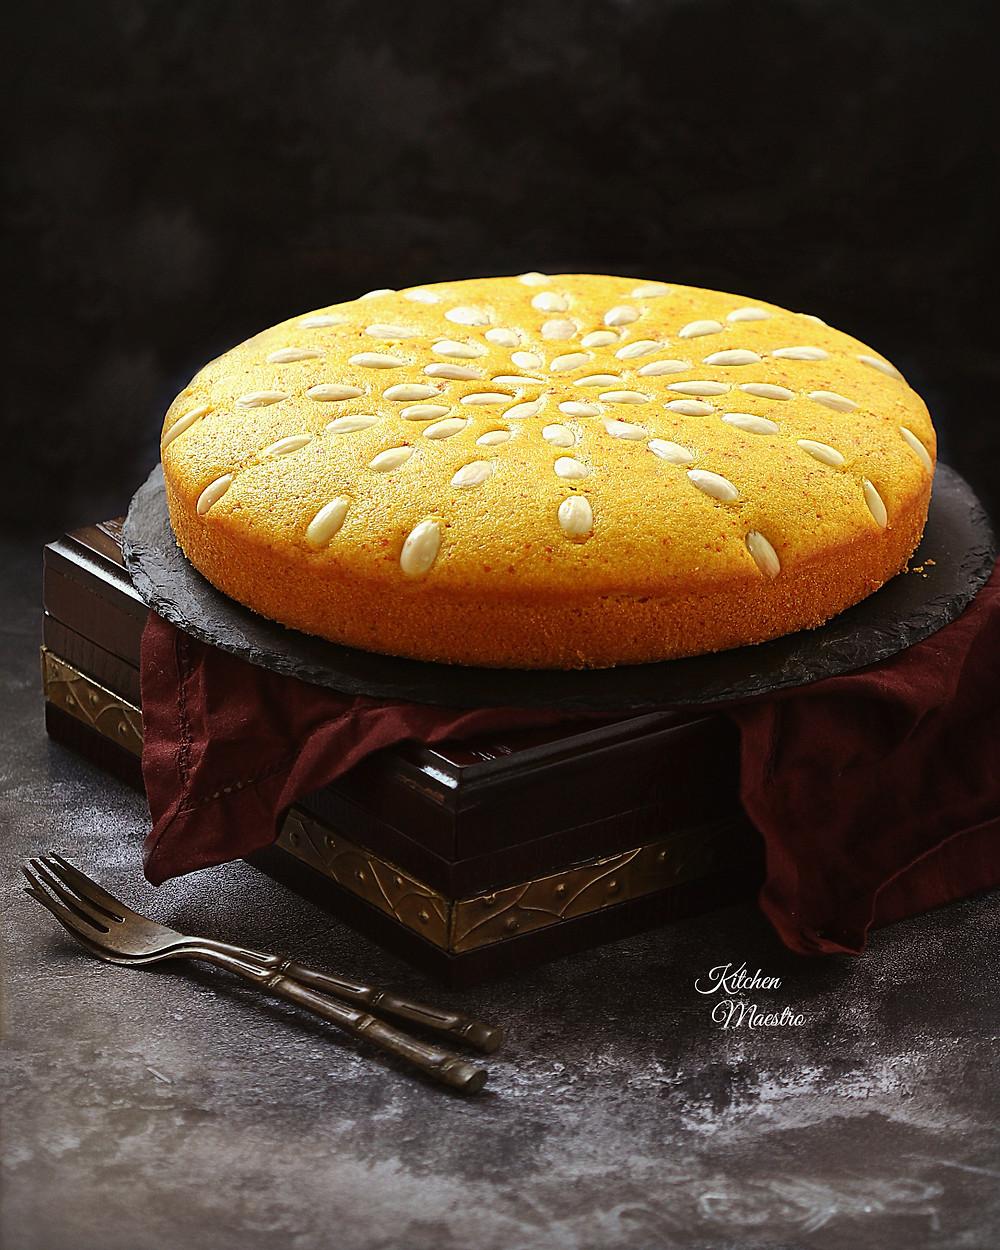 Sfouf cake